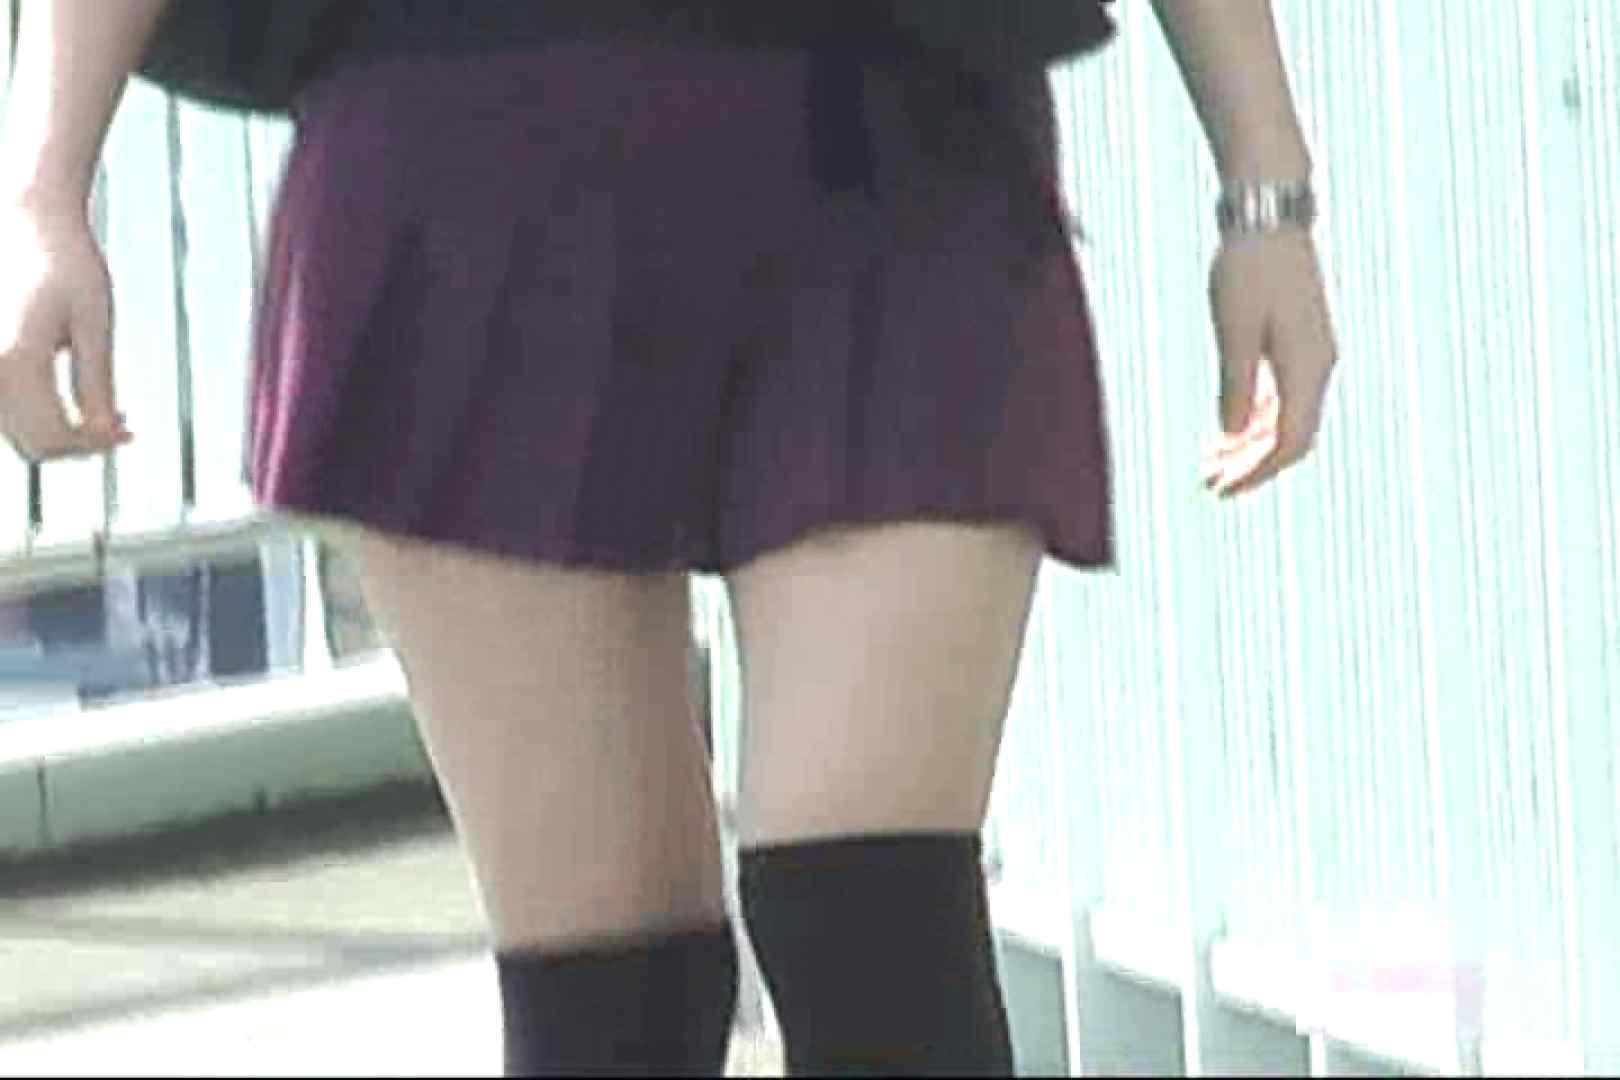 検証!隠し撮りスカートめくり!!Vol.2 美しいOLの裸体  103pic 70